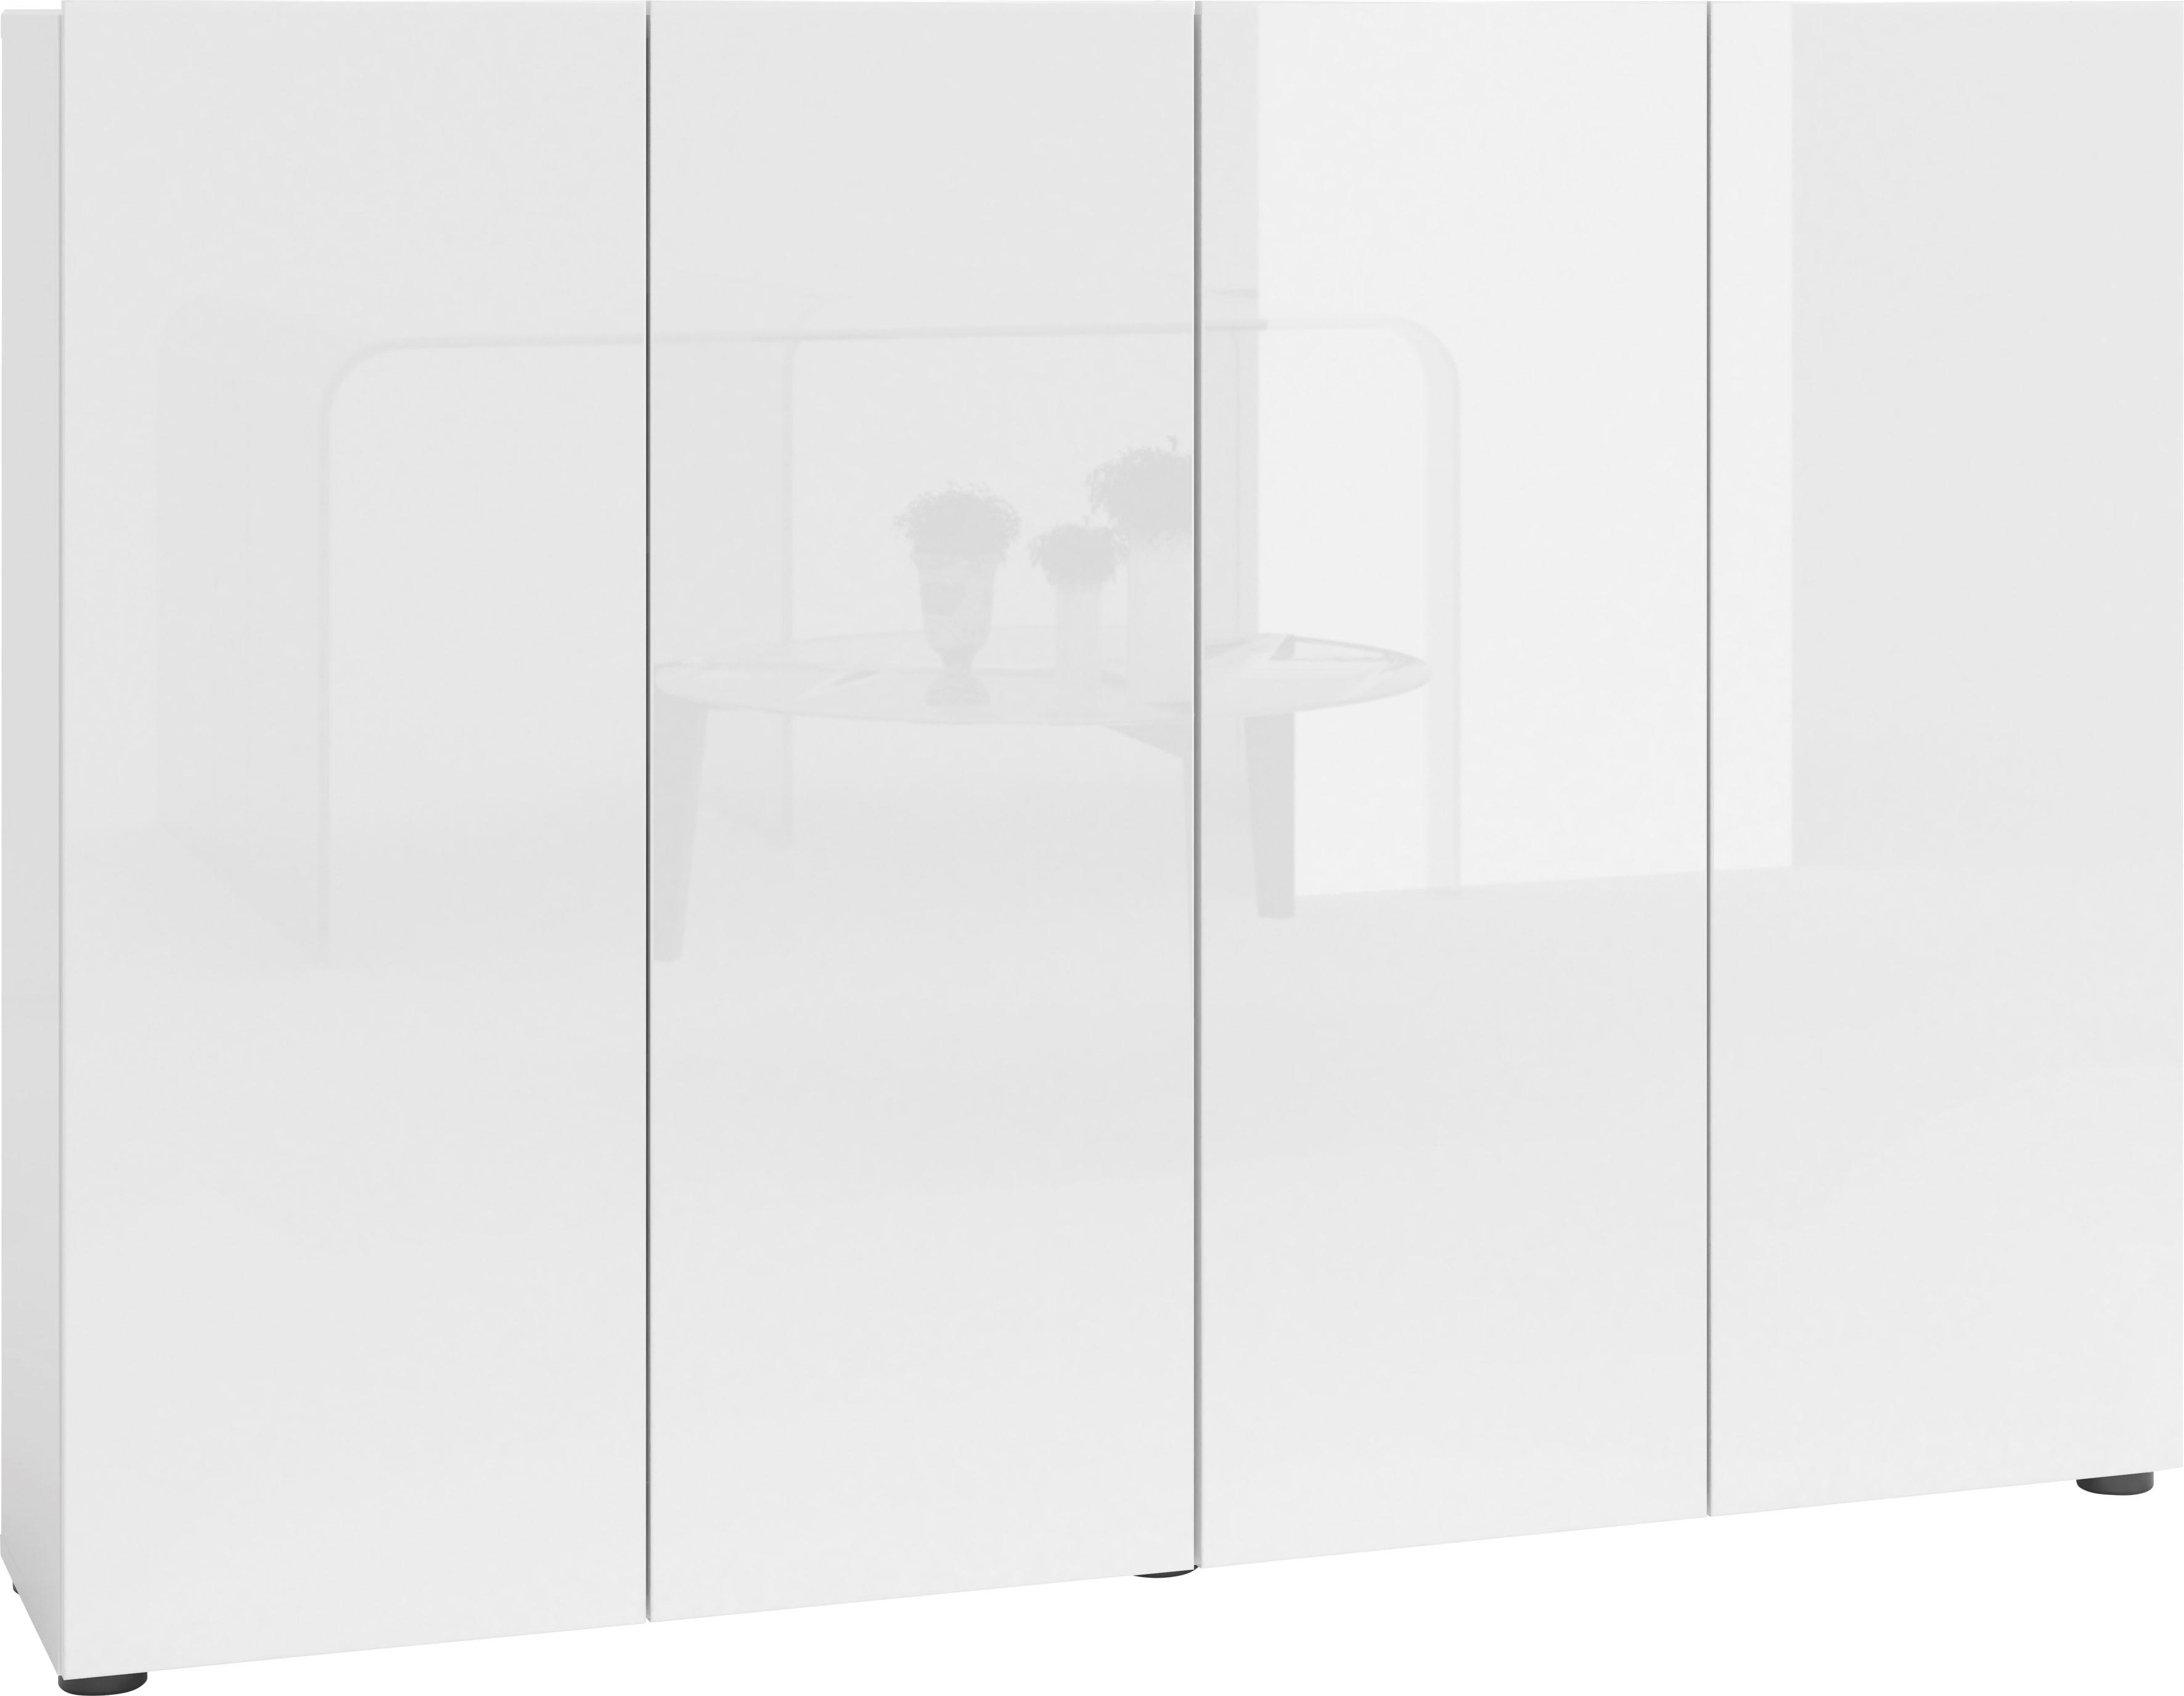 KITALY Schuhschrank »Mister«, Breite 160 cm, 4 Türen, Hochglanz Lackierung günstig online kaufen